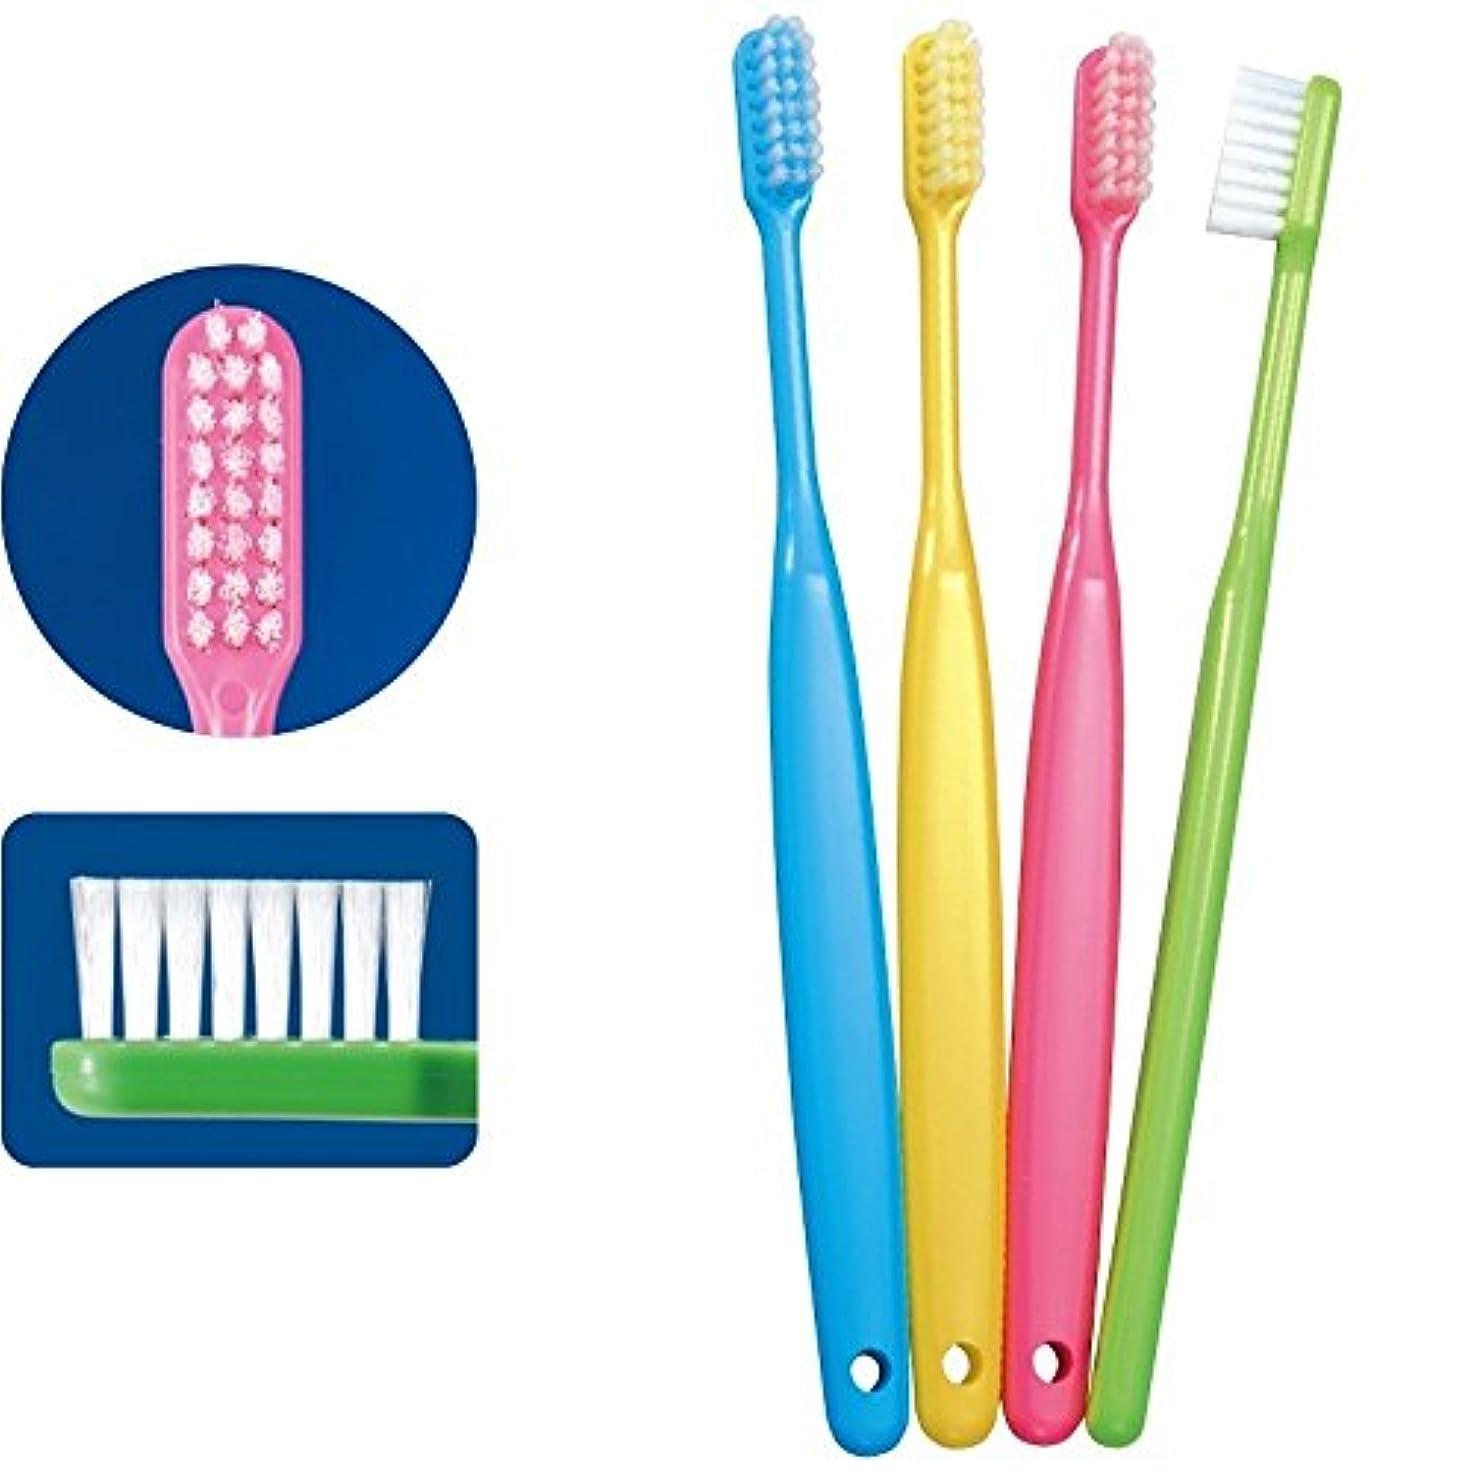 トレーニングレジデンスシャープ歯科医院専売 Ci バリュー 歯ブラシ M(ふつう) 4色アソート (12本)